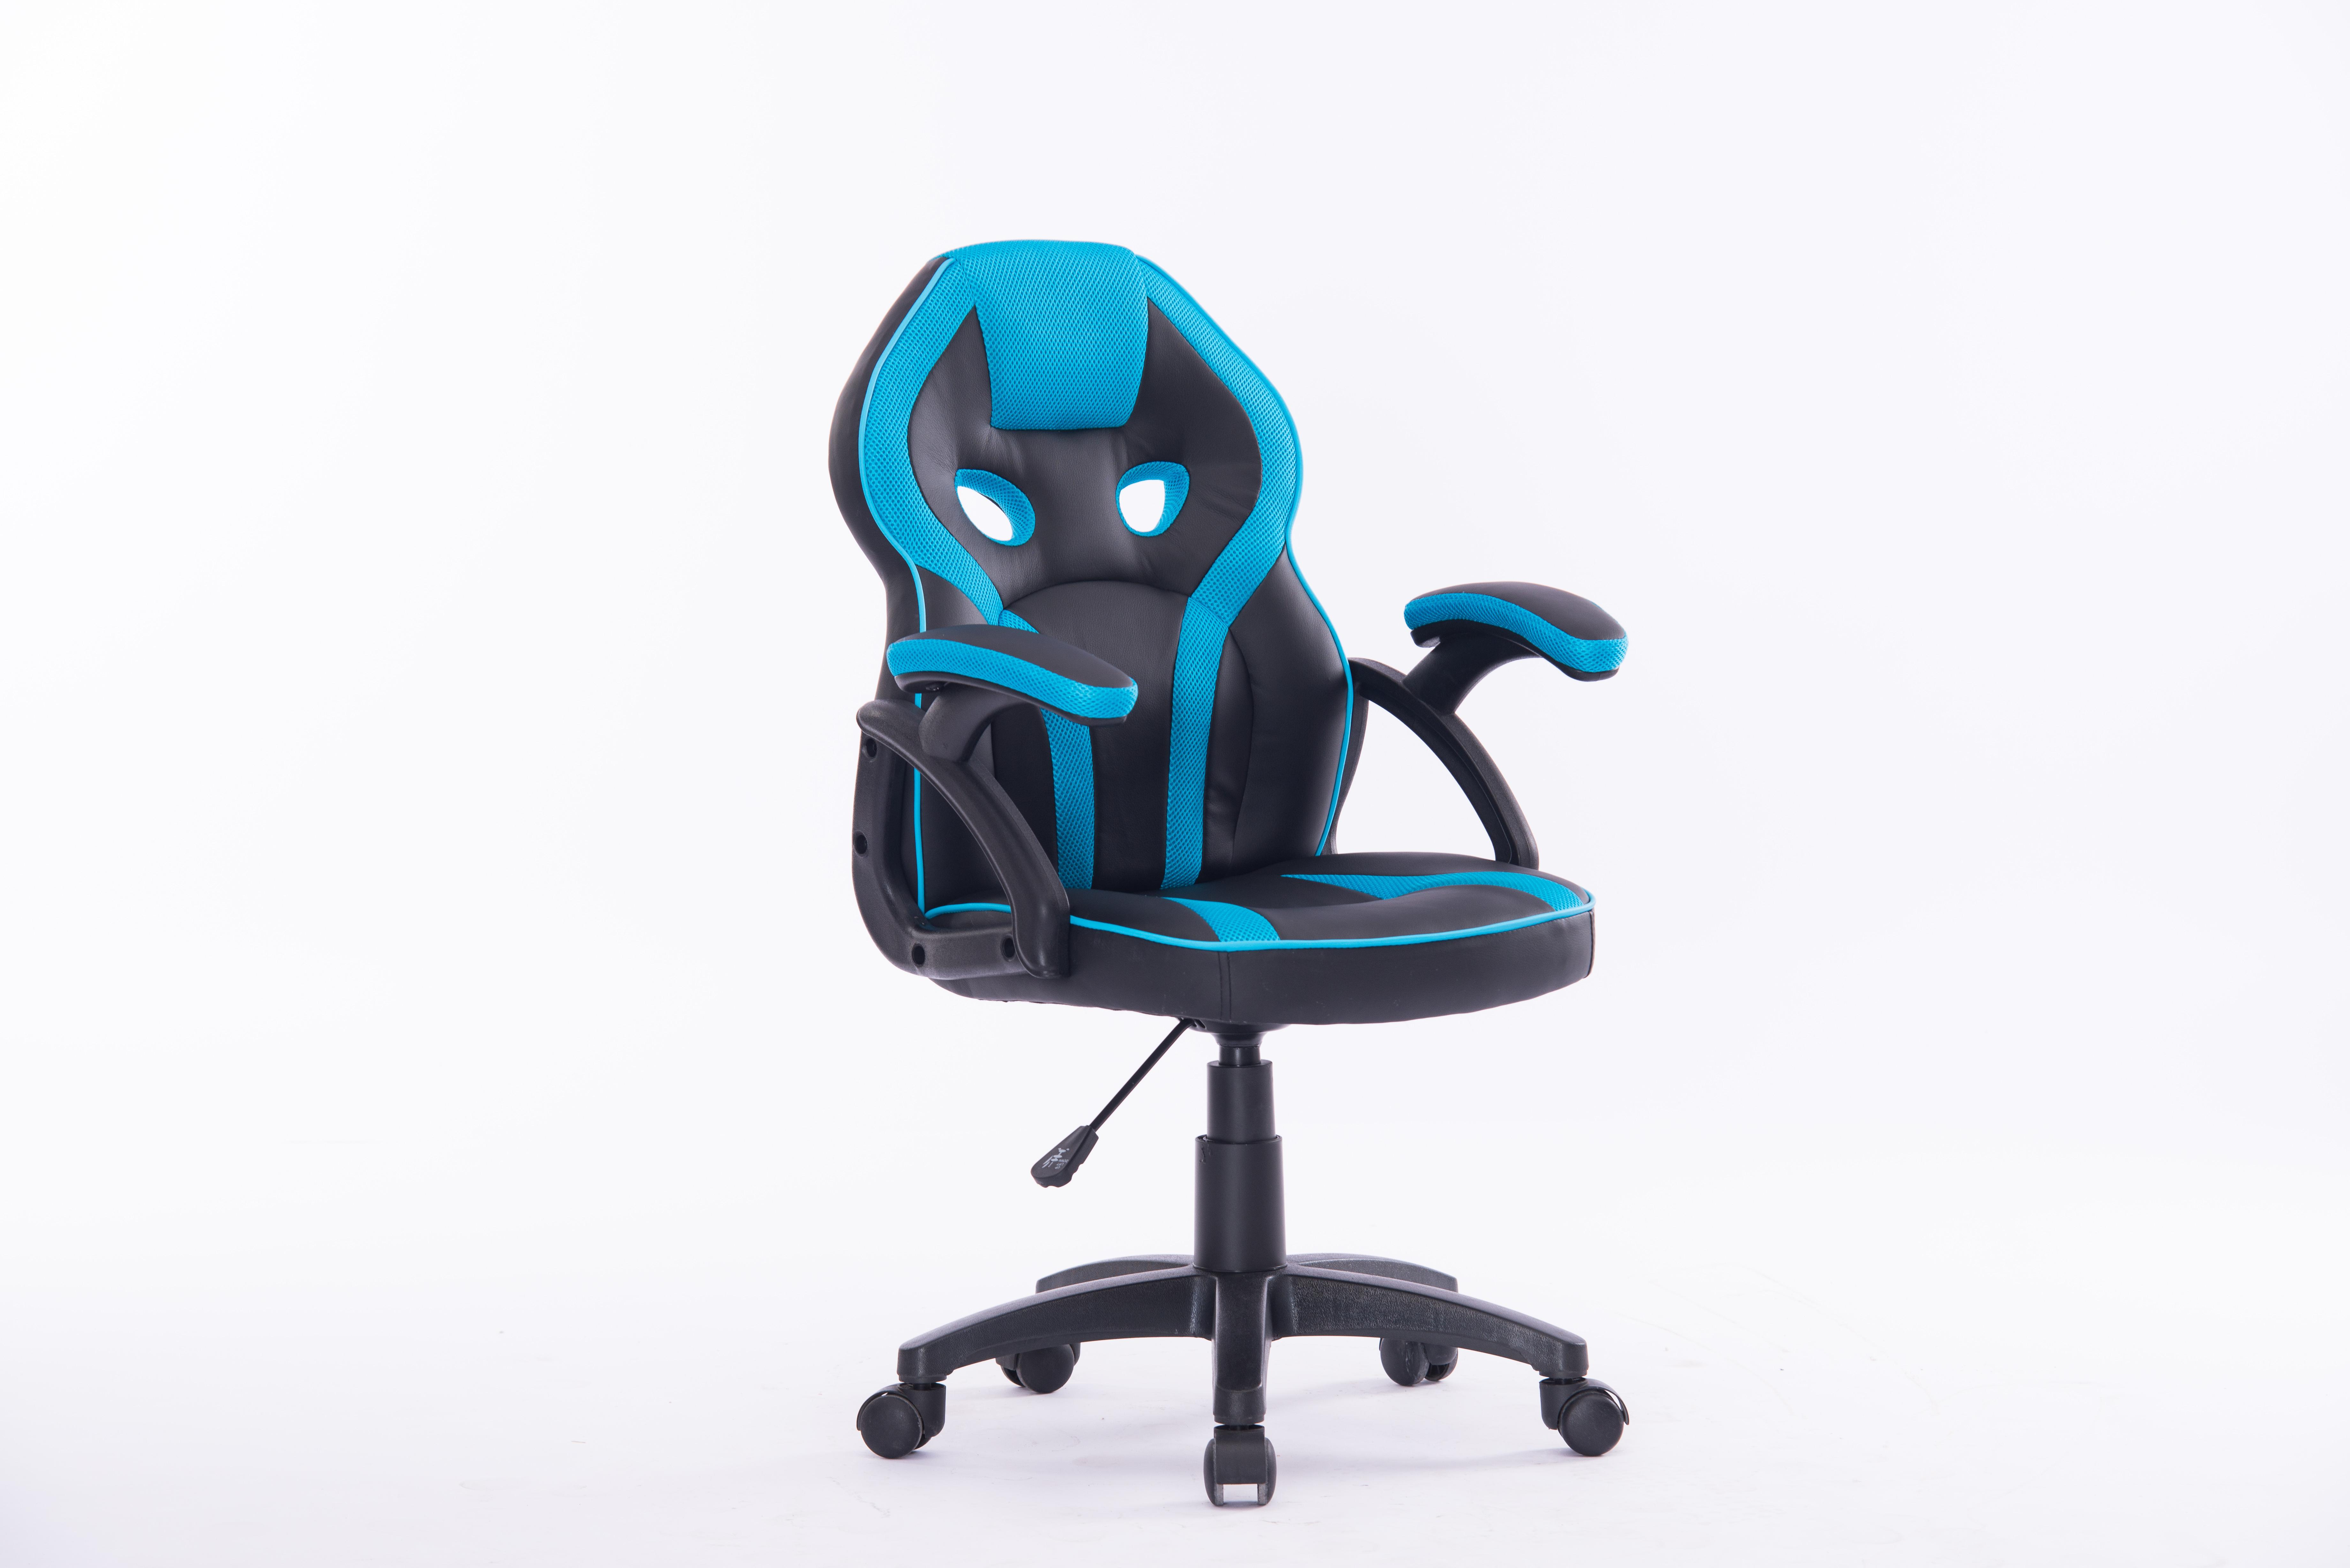 Bureaustoel kidz blauw zwart blauw deba meubelen